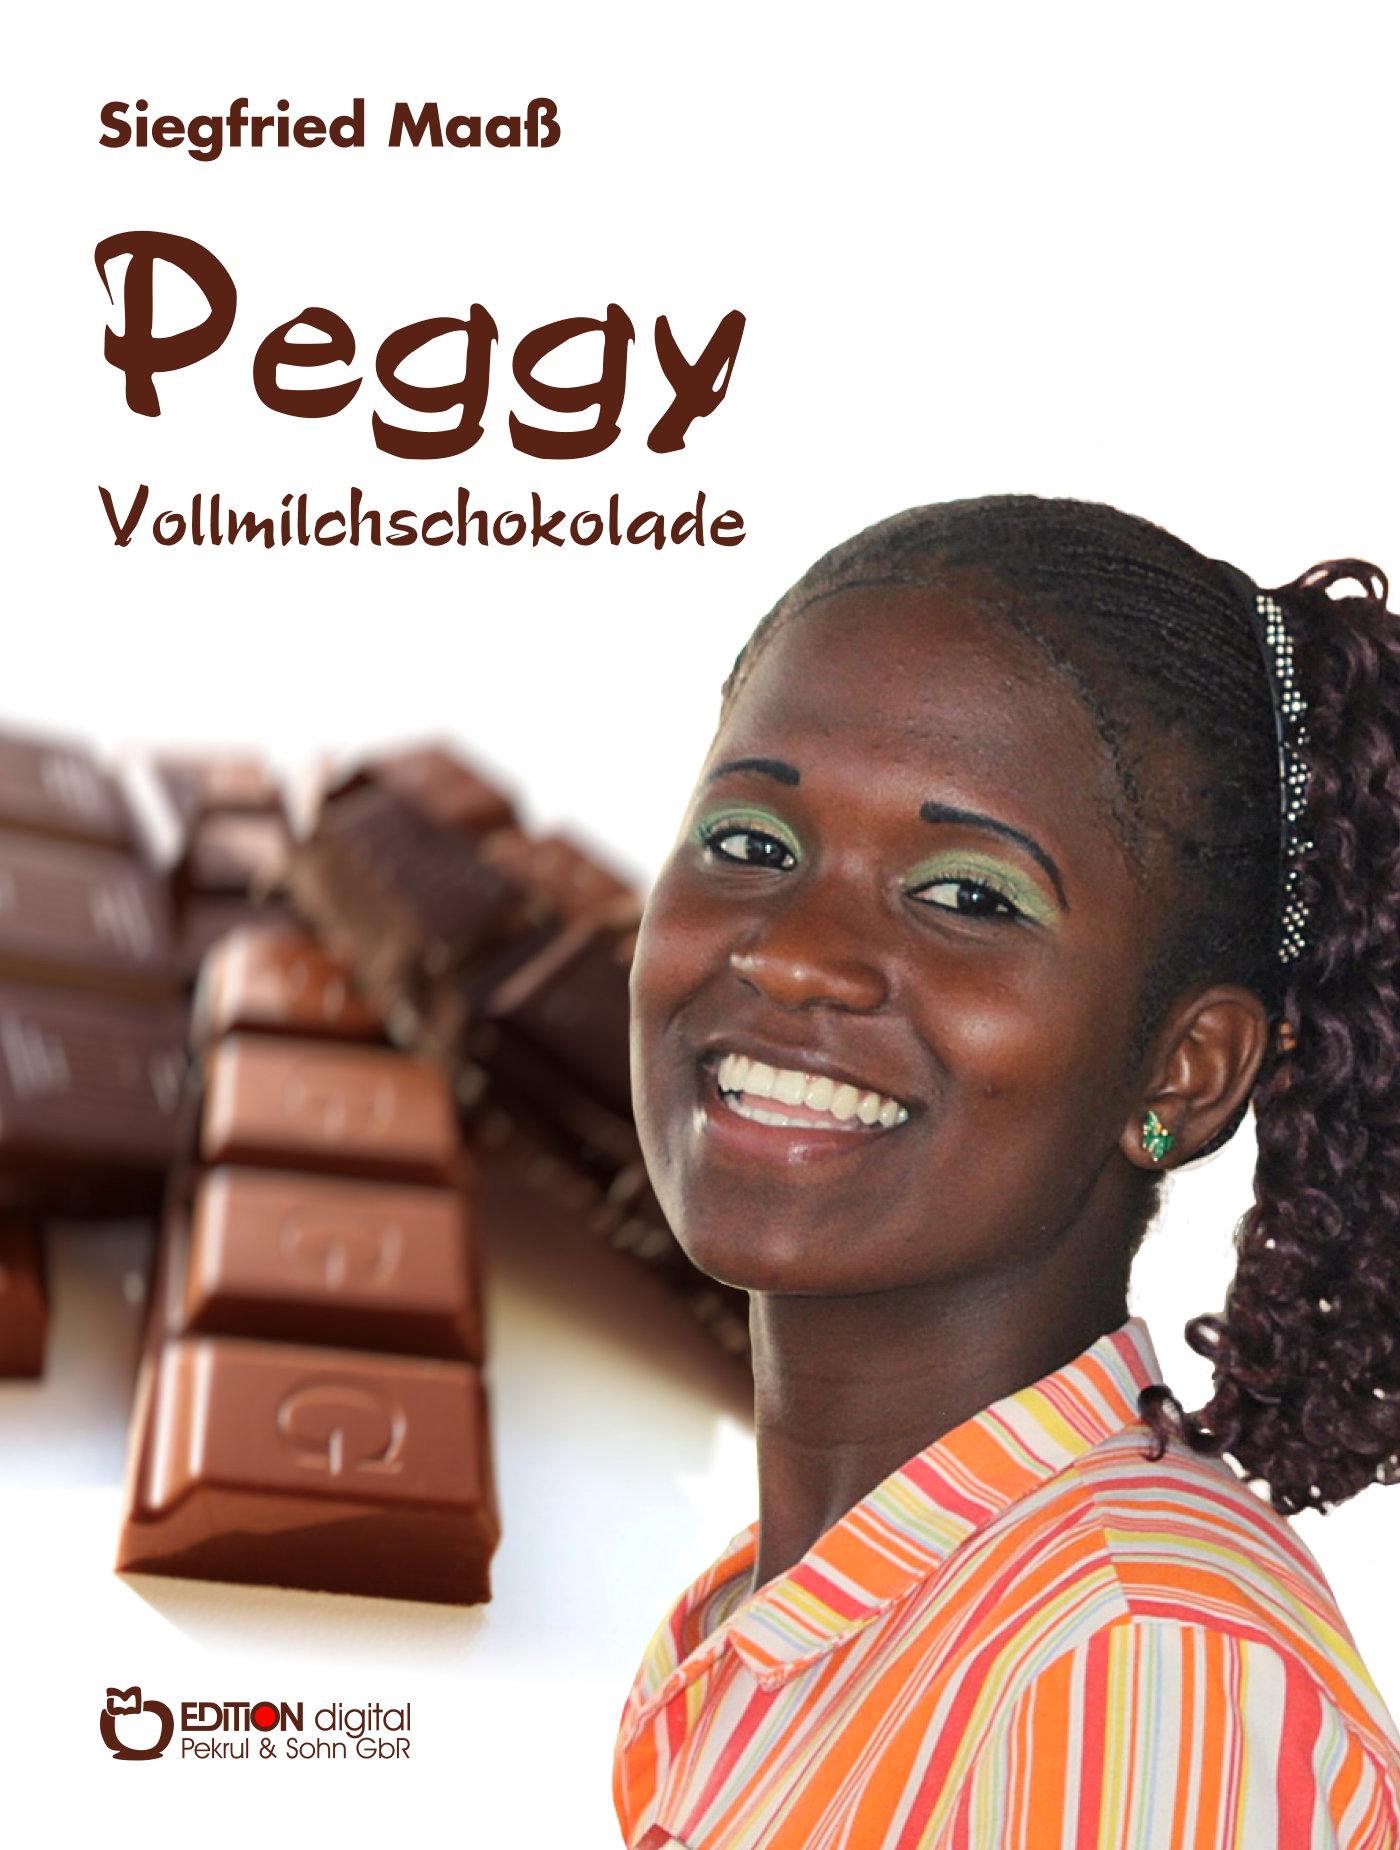 Peggy Vollmilchschokolade von Siegfried Maaß